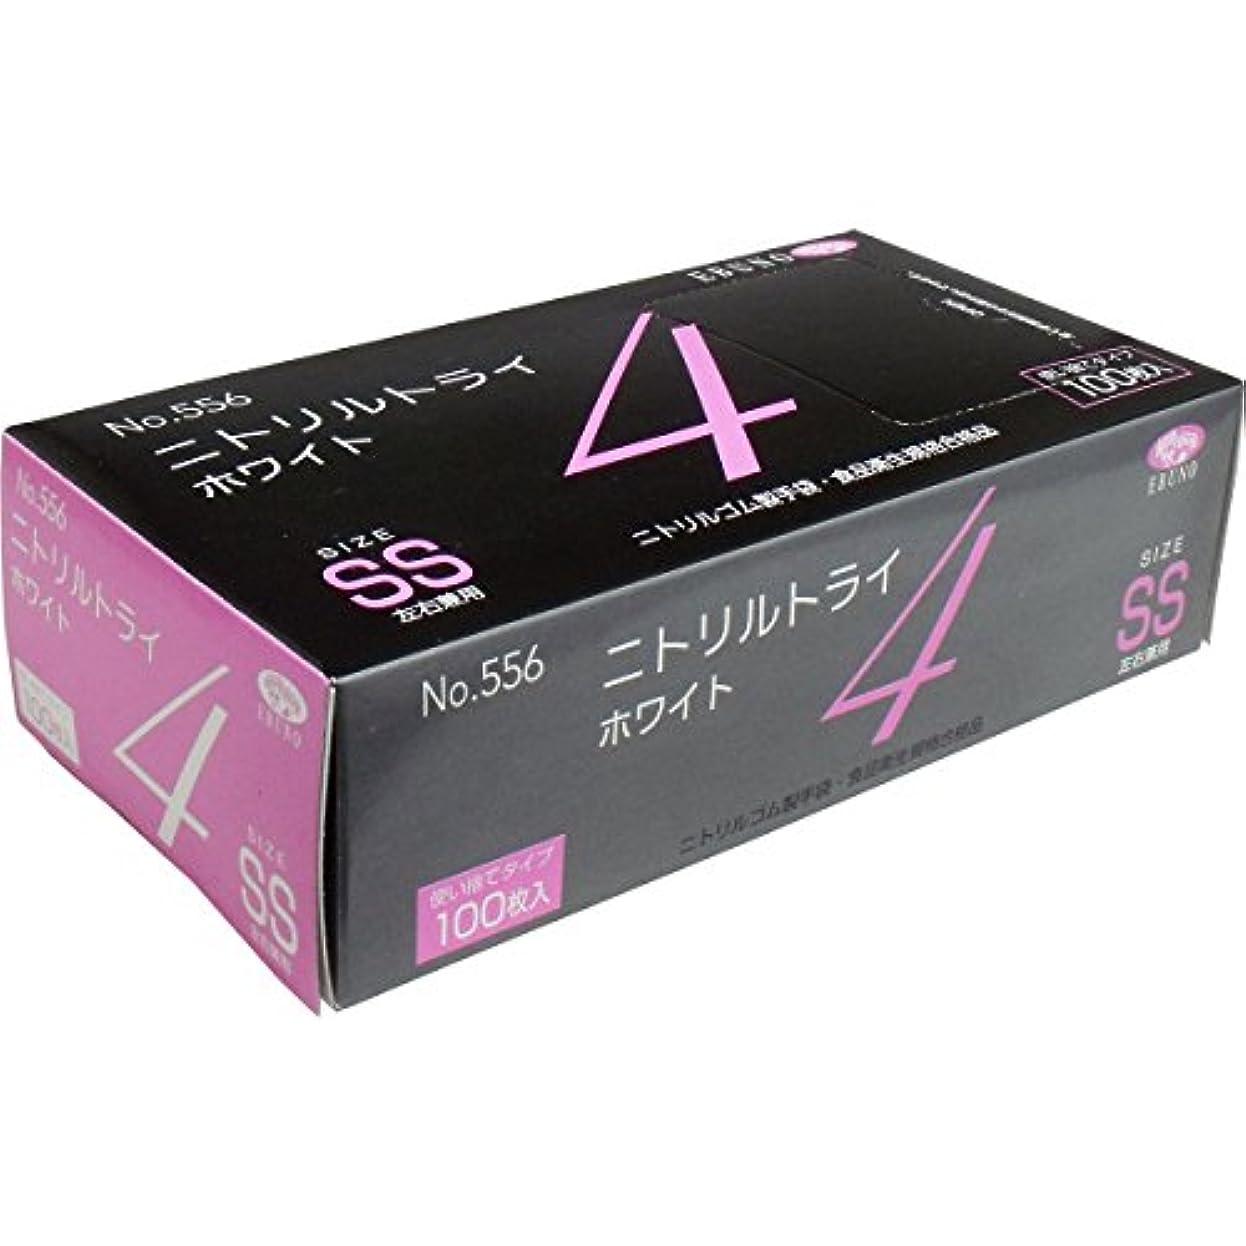 タヒチどこにでも革新ニトリルトライ4 №556 ホワイト 粉付 SSサイズ 100枚入